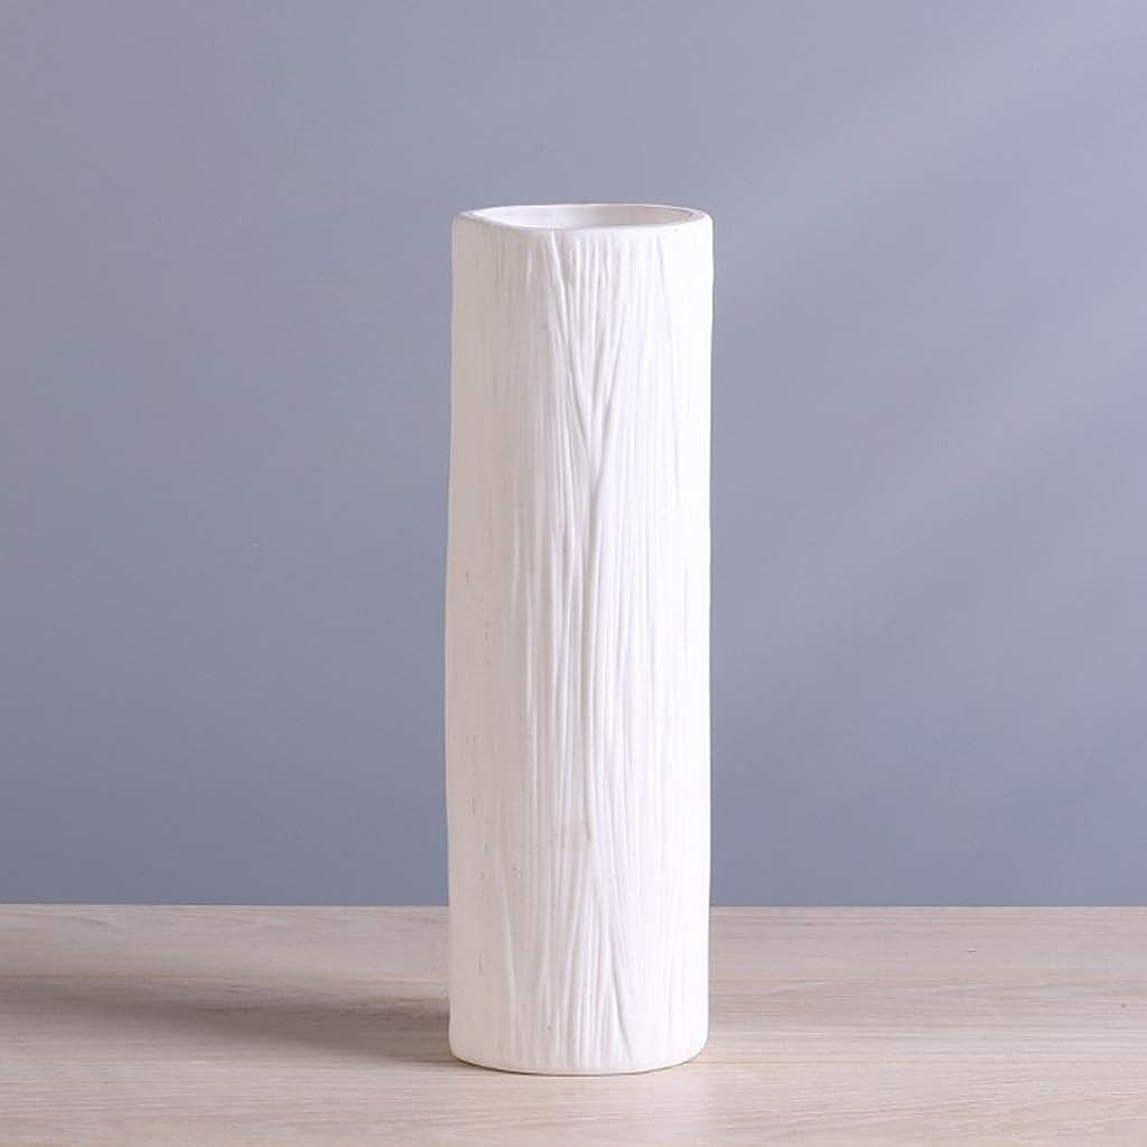 信念スイング原油棚, 花用ホワイトセラミッククラフト花瓶、結婚式用の手作り磁器水耕植物花瓶植木鉢